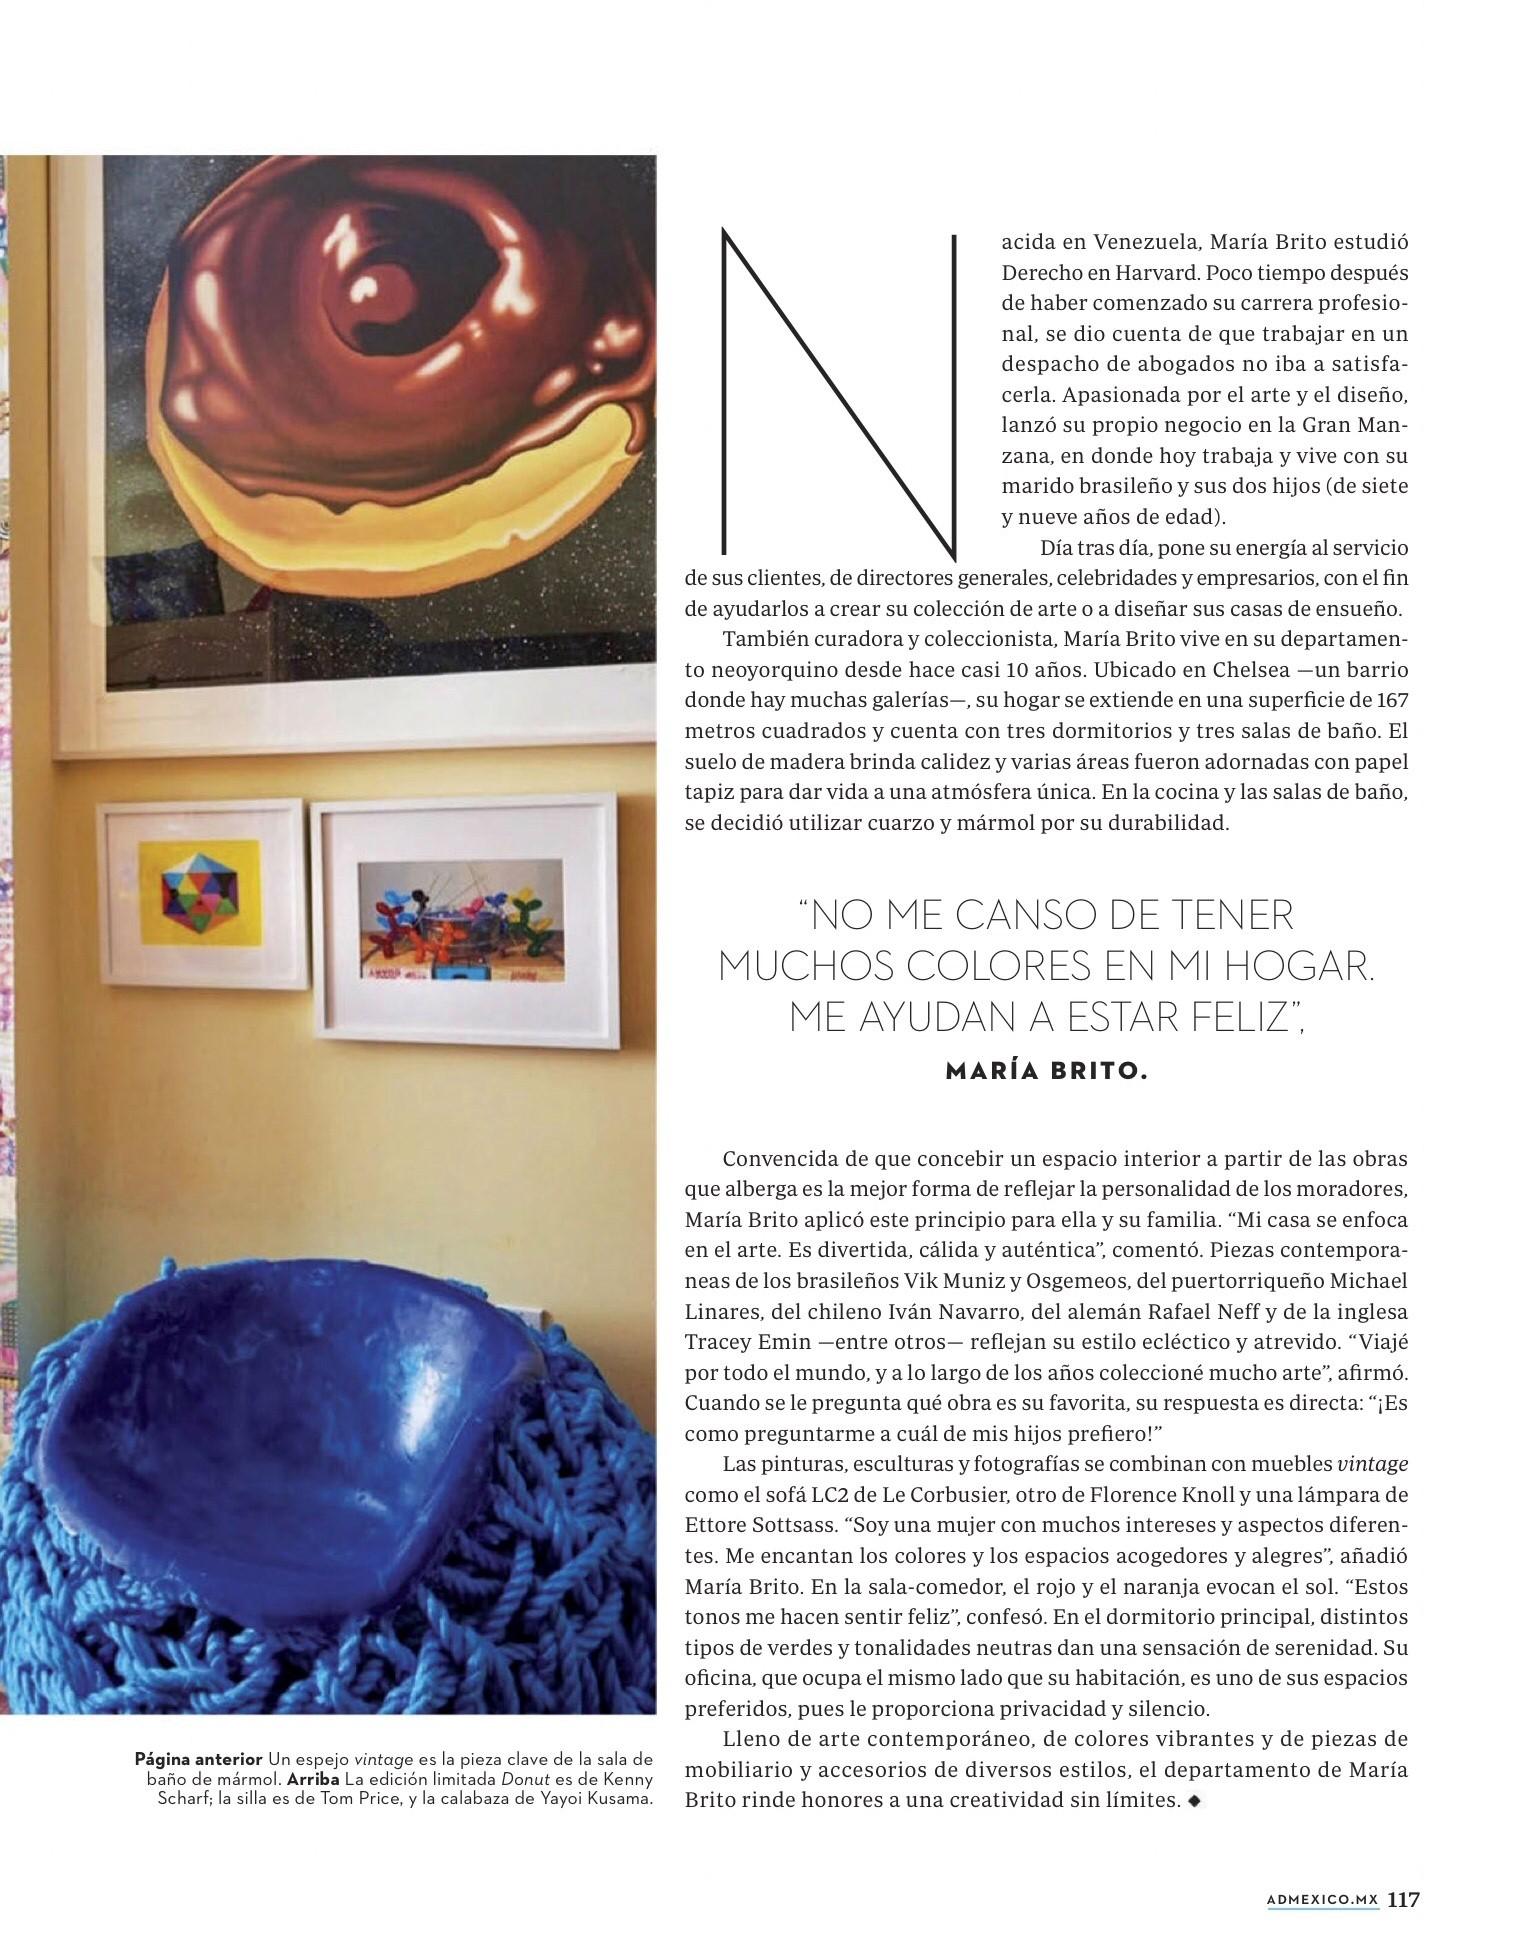 Maria-Brito_Ad-Mexico-10.jpg